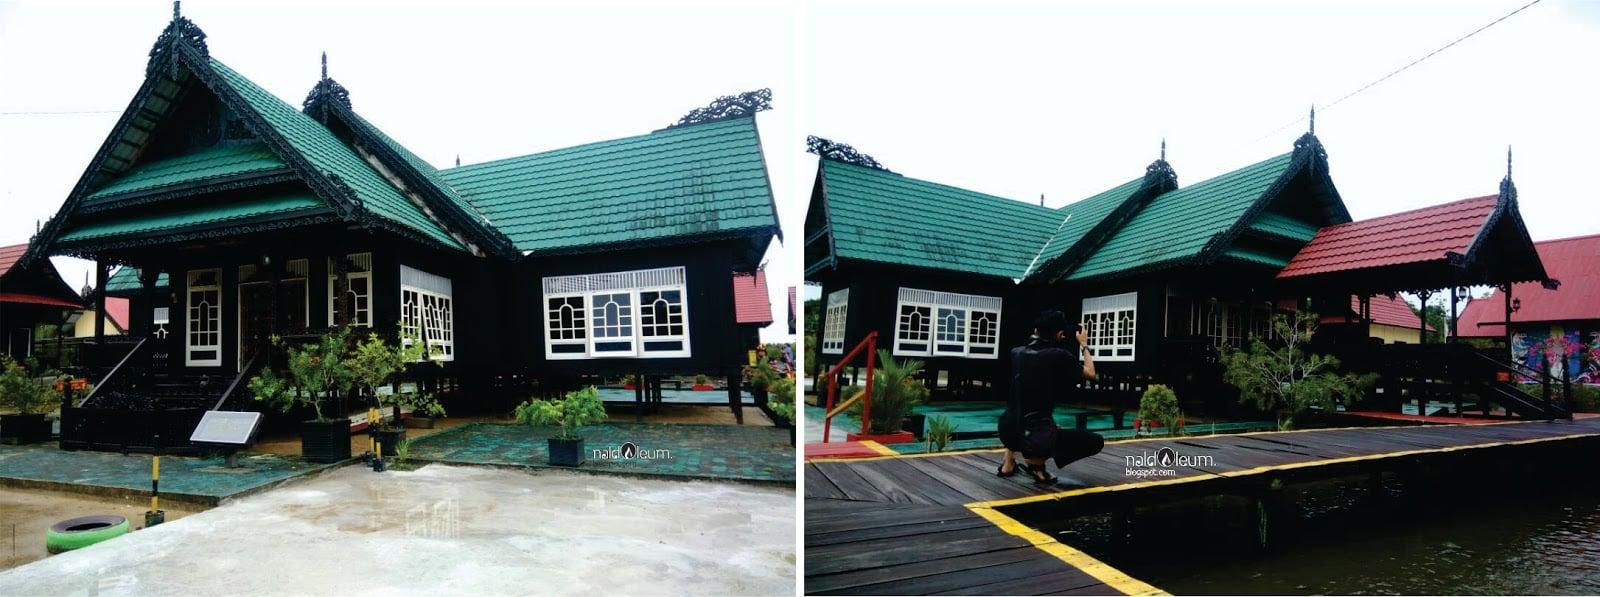 Unik 21 Gambar Rumah Adat Kalimantan 85 Dalam Dekorasi Rumah Untuk Gaya Desain Interior untuk 21 Gambar Rumah Adat Kalimantan